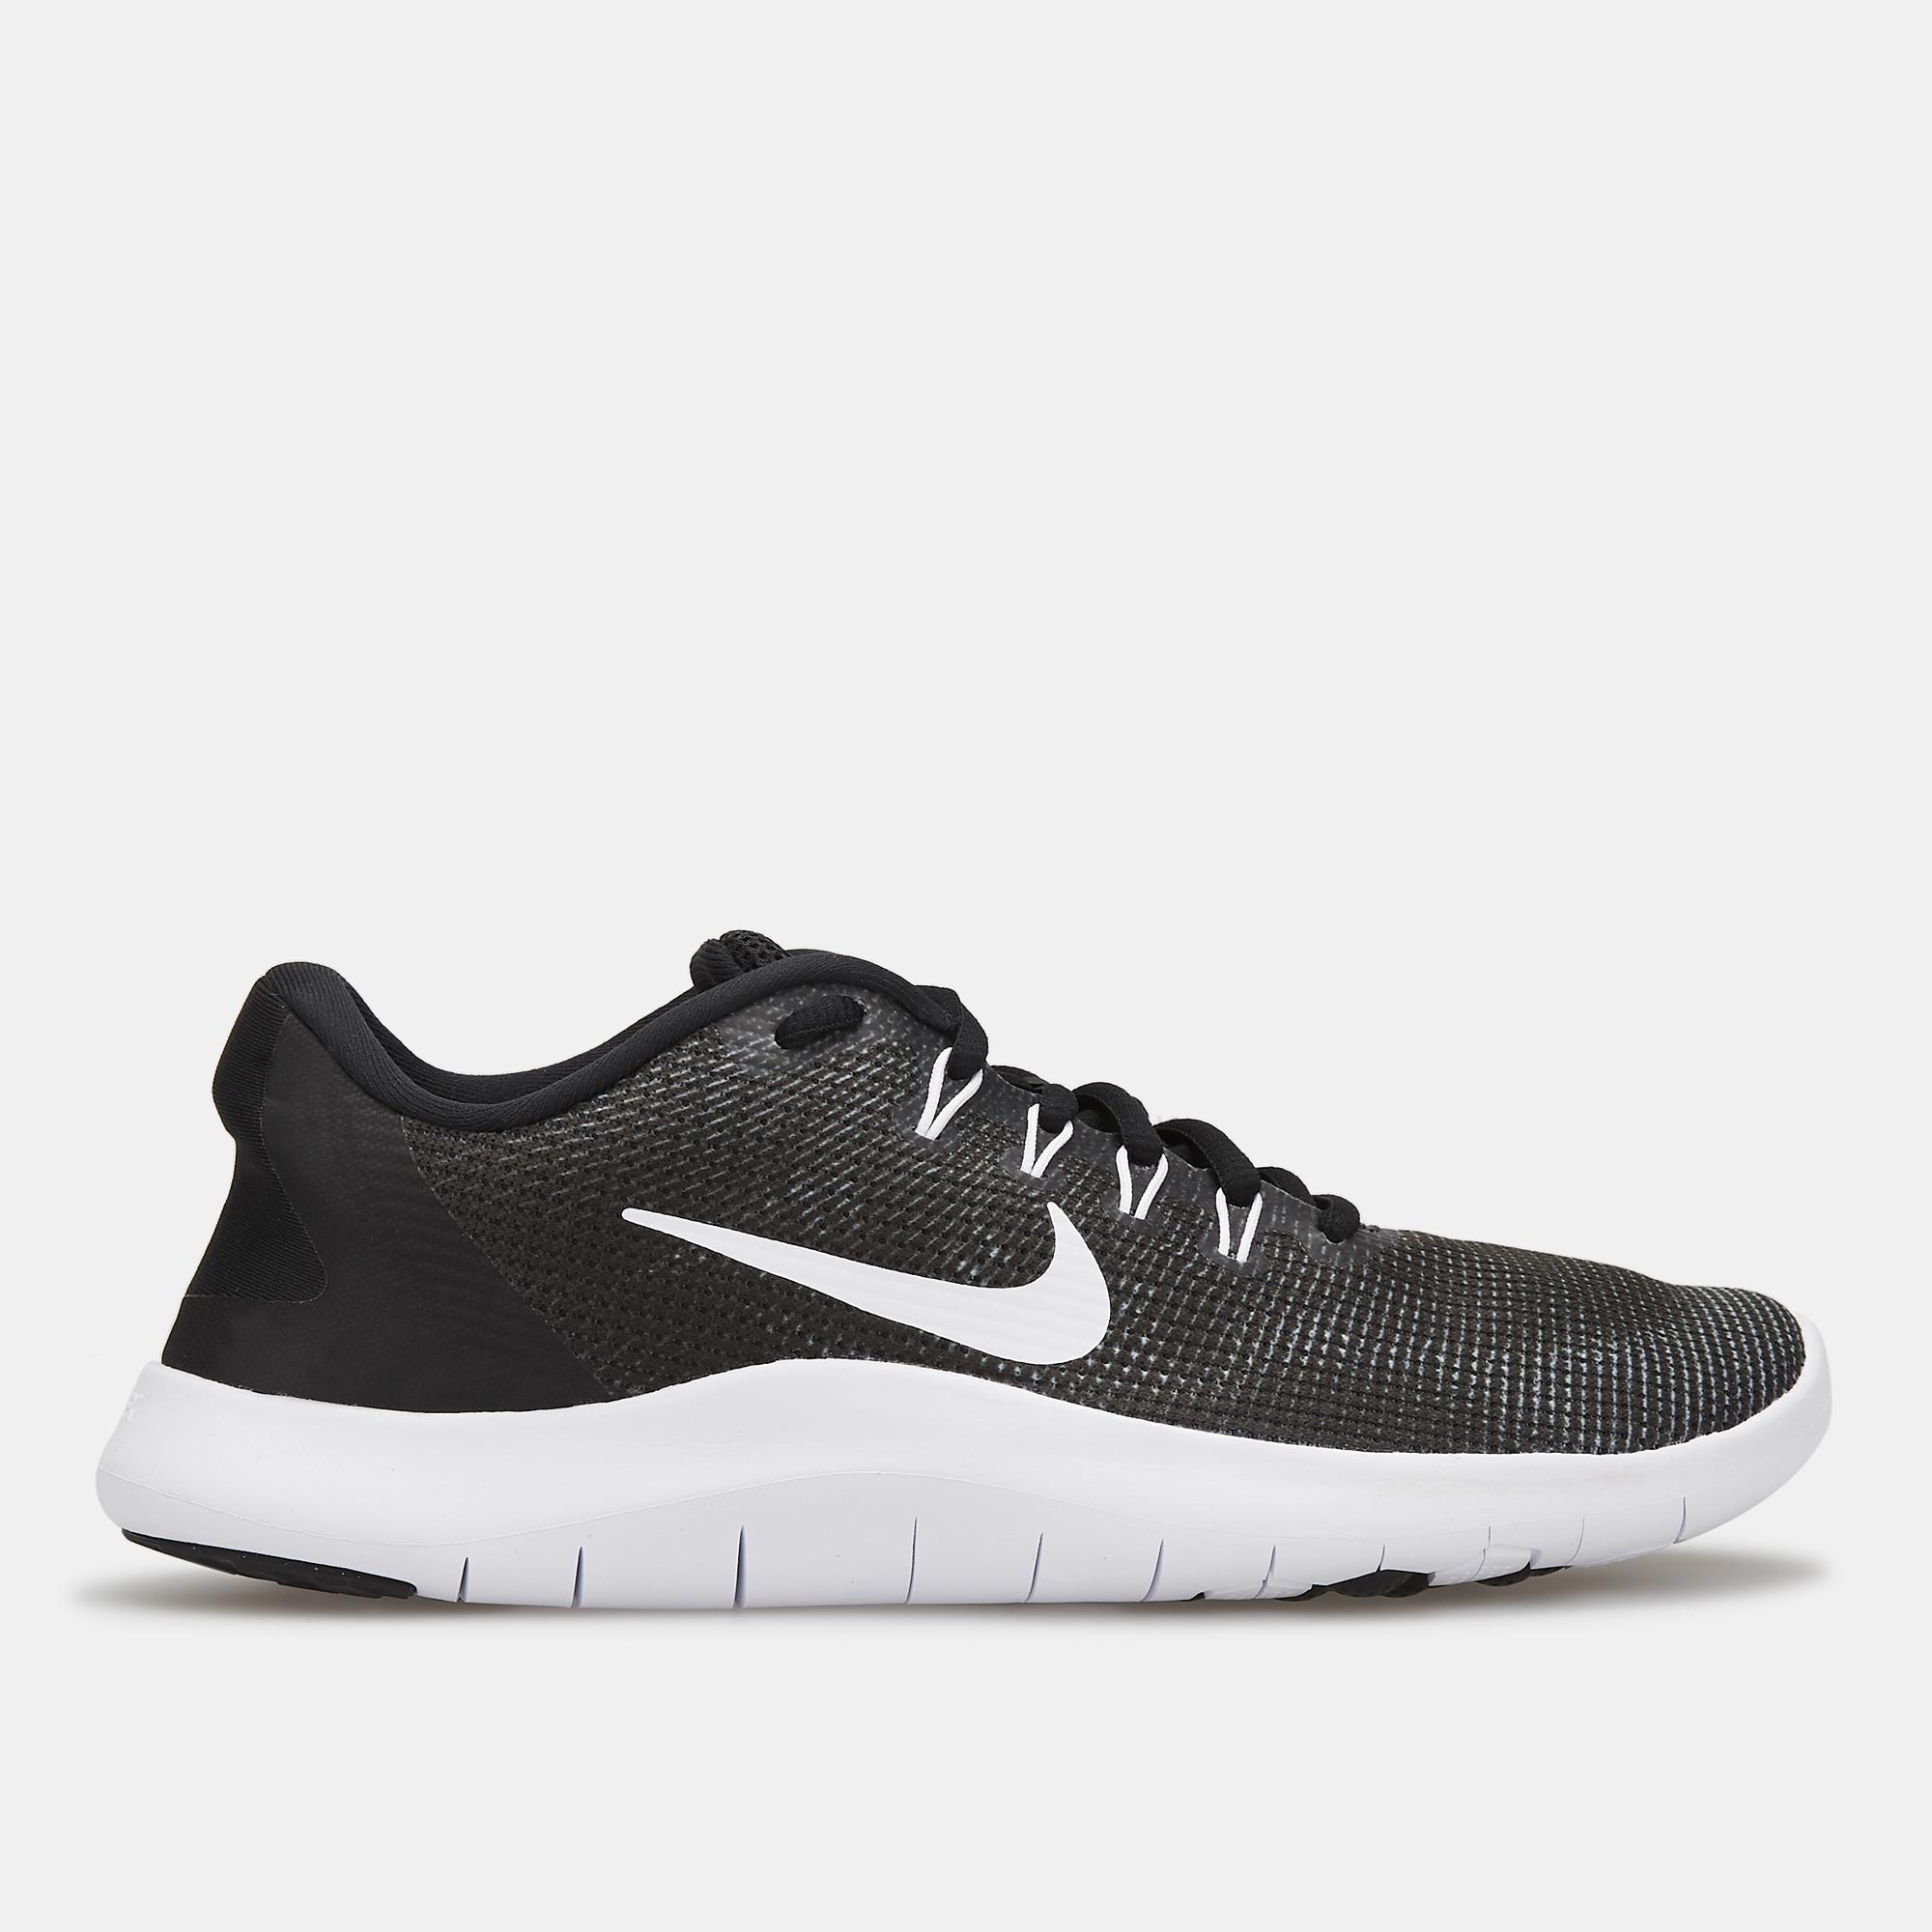 345740a8d7c Nike Women s Flex RN 2018 Running Shoe